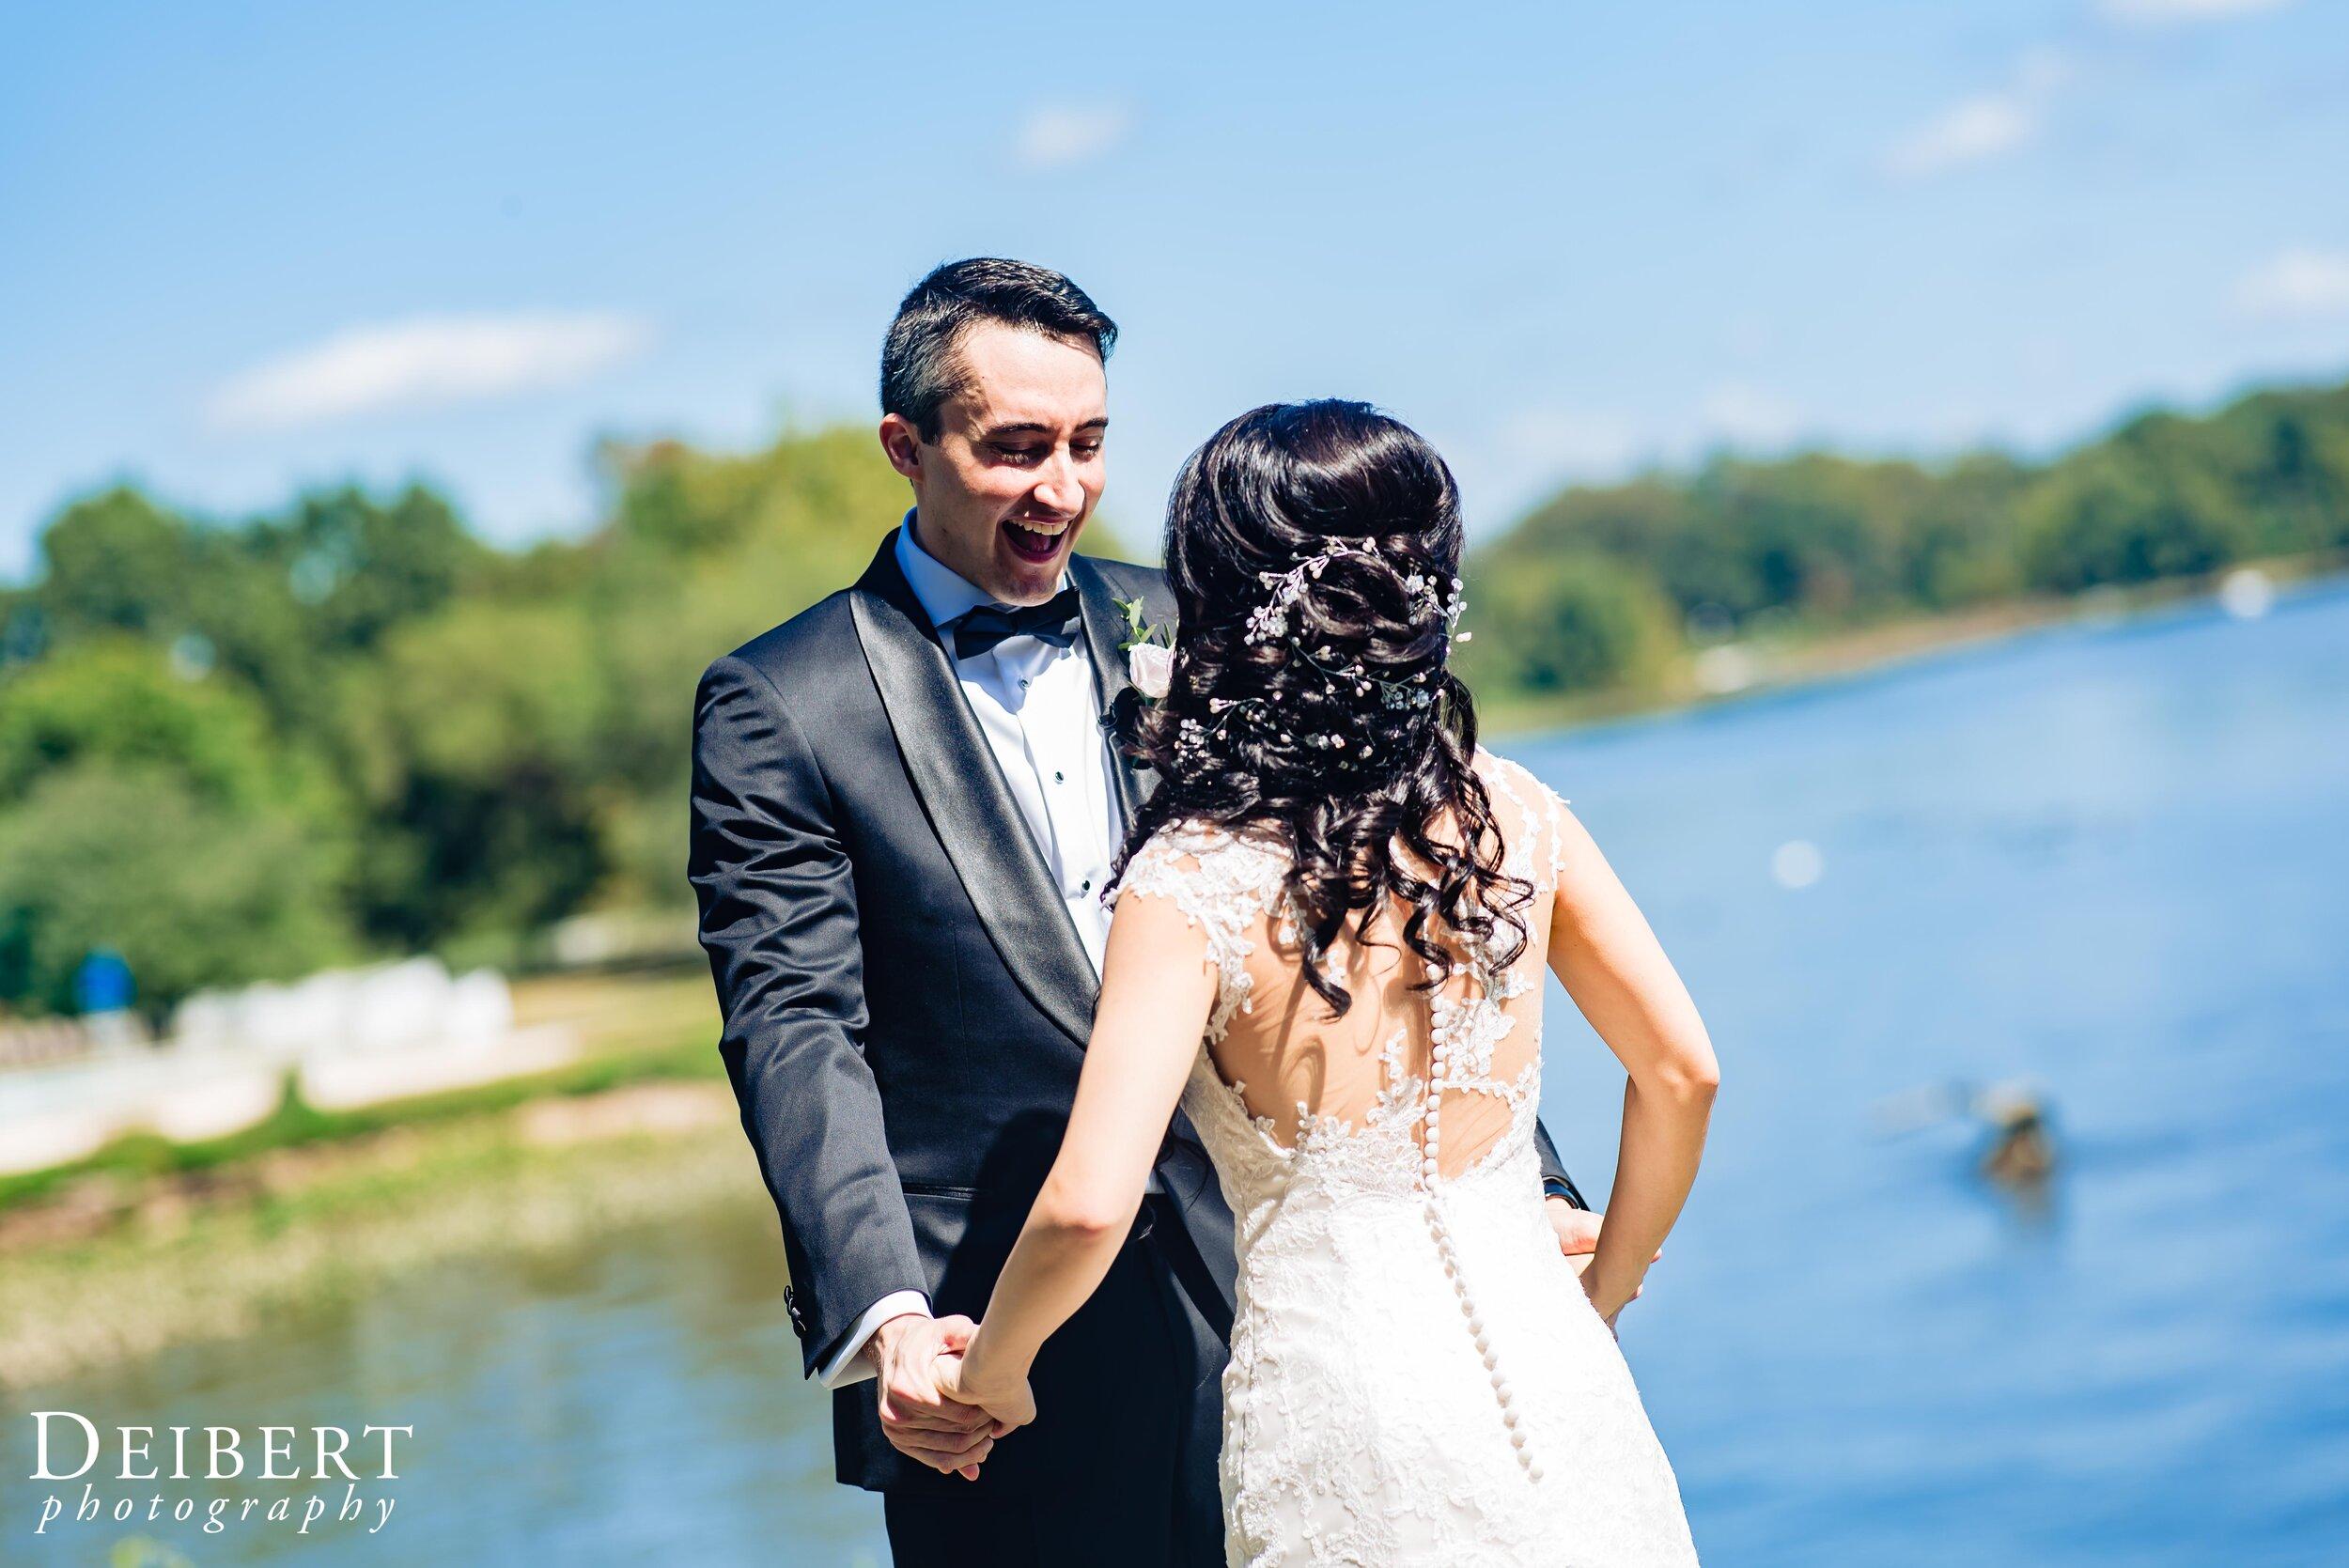 Glenn Foerd on the Delaware Wedding-20.jpg